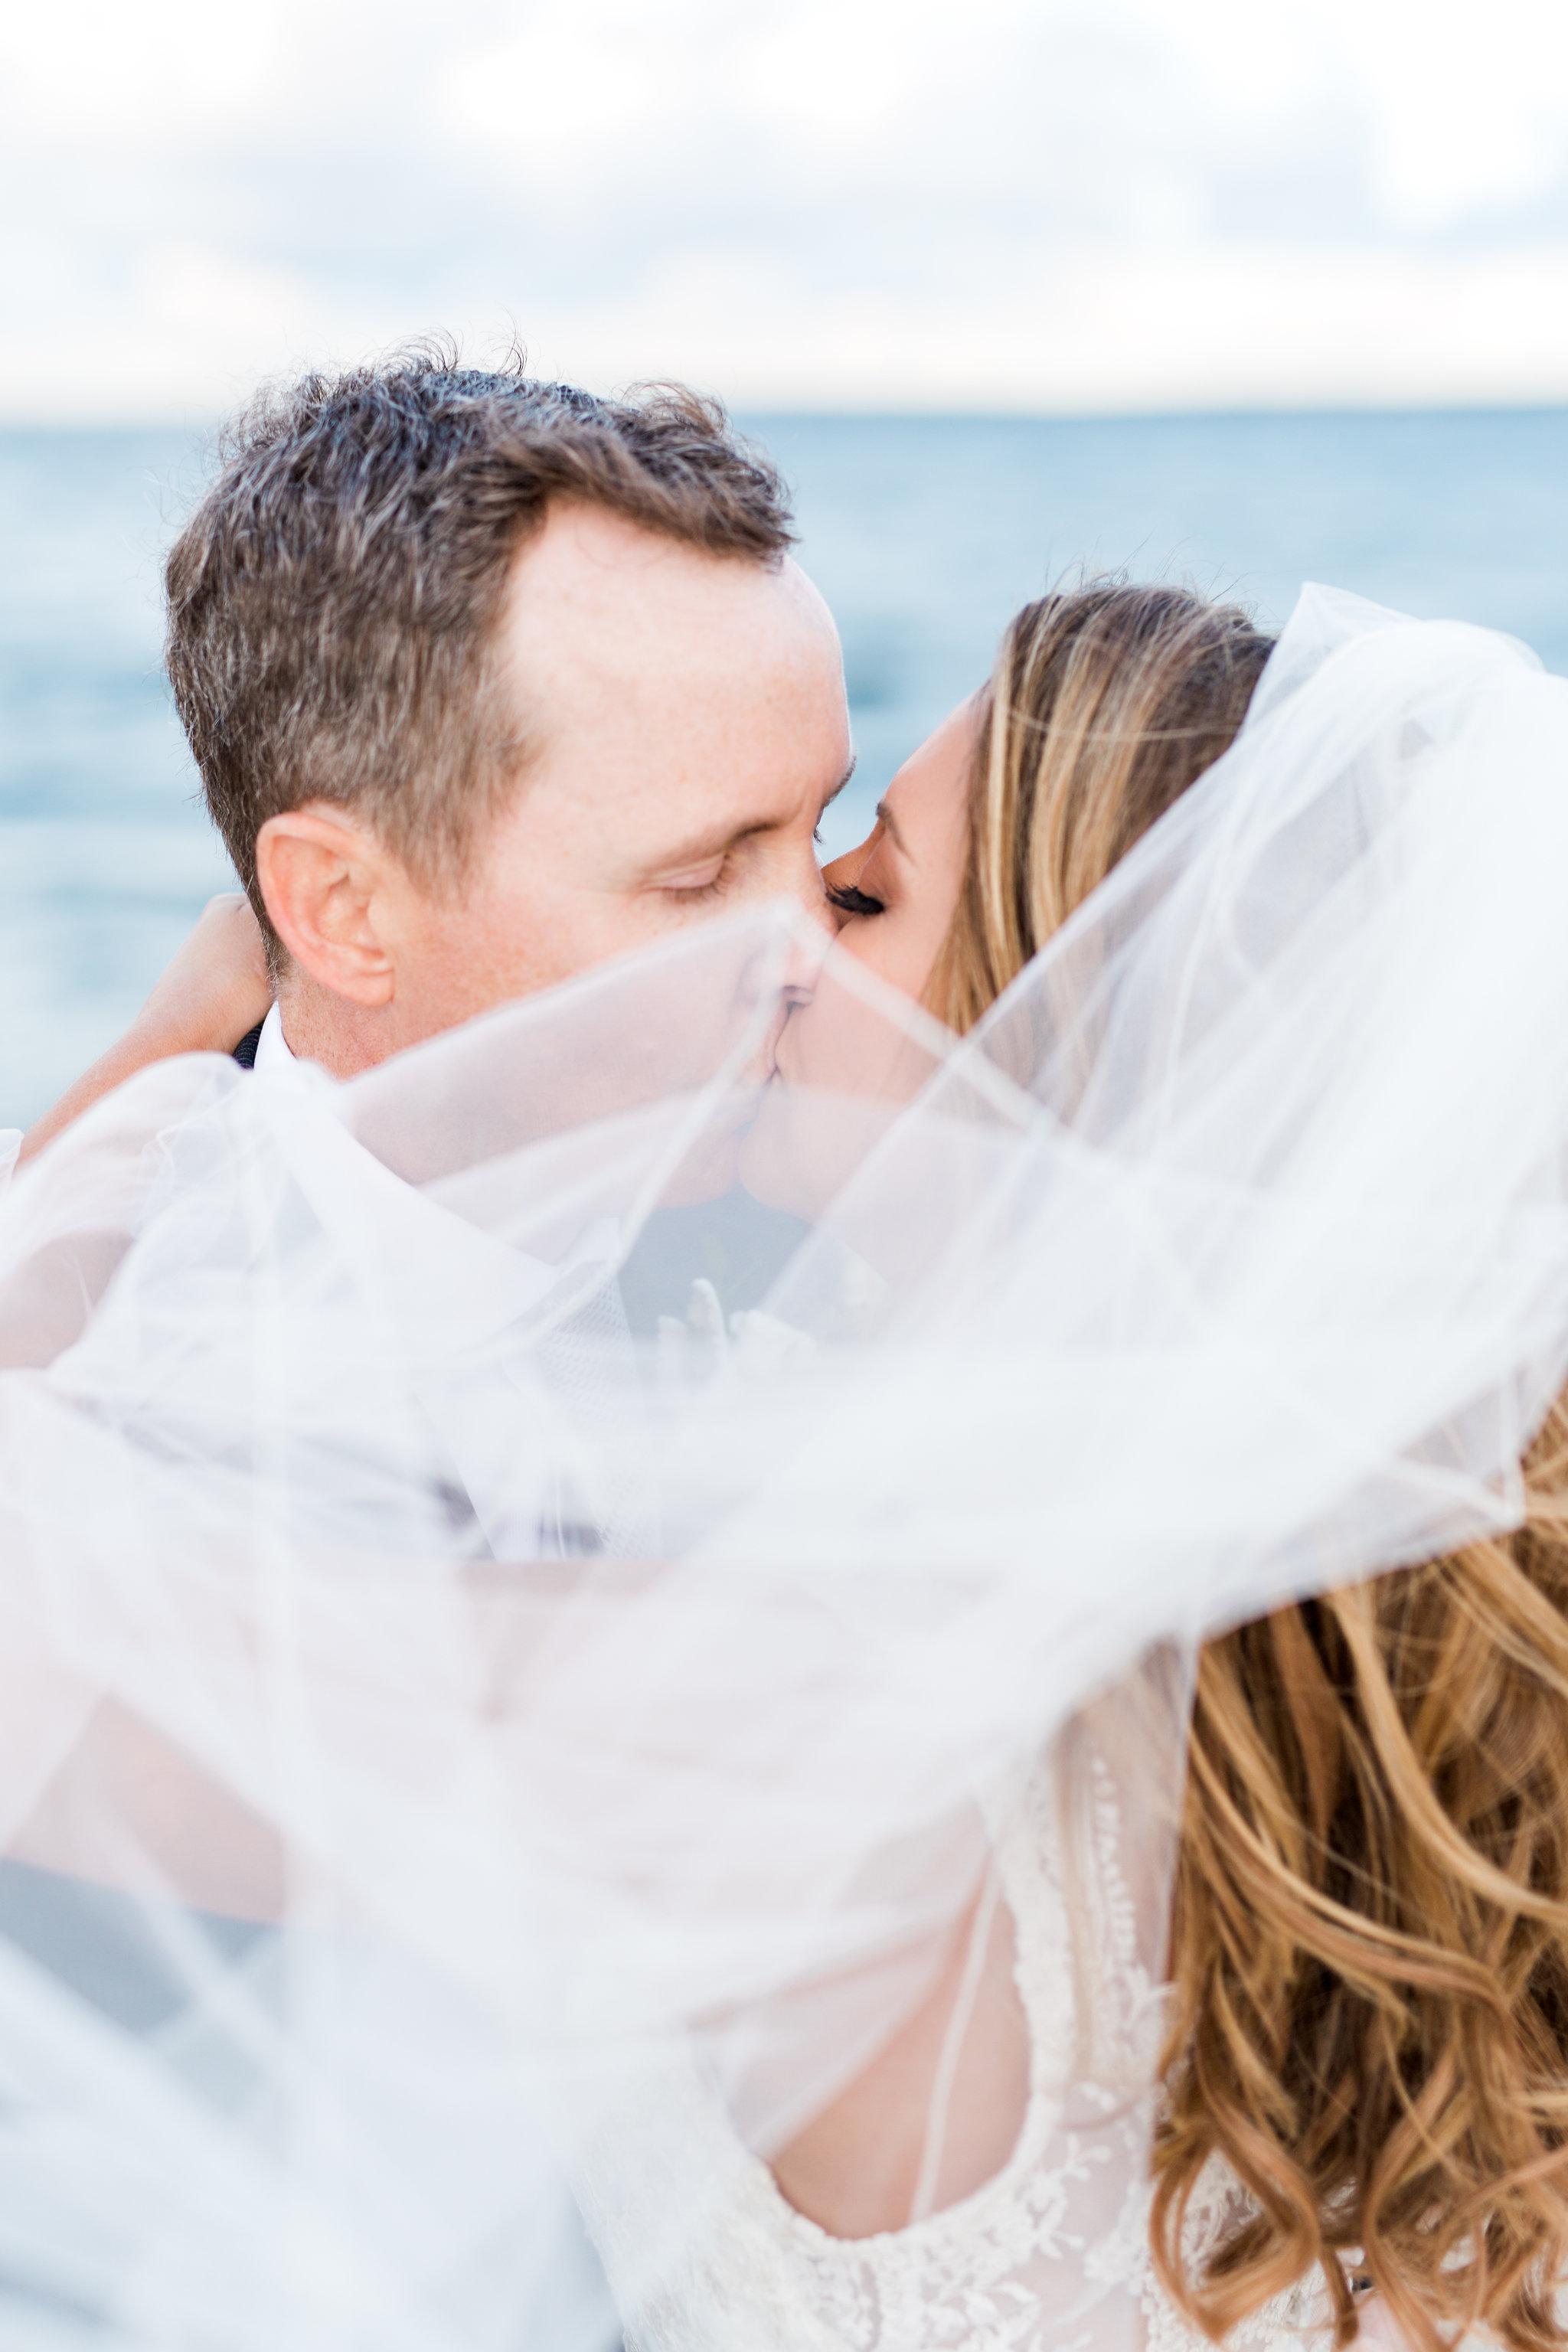 93017_KatieandJason_Wedding-412